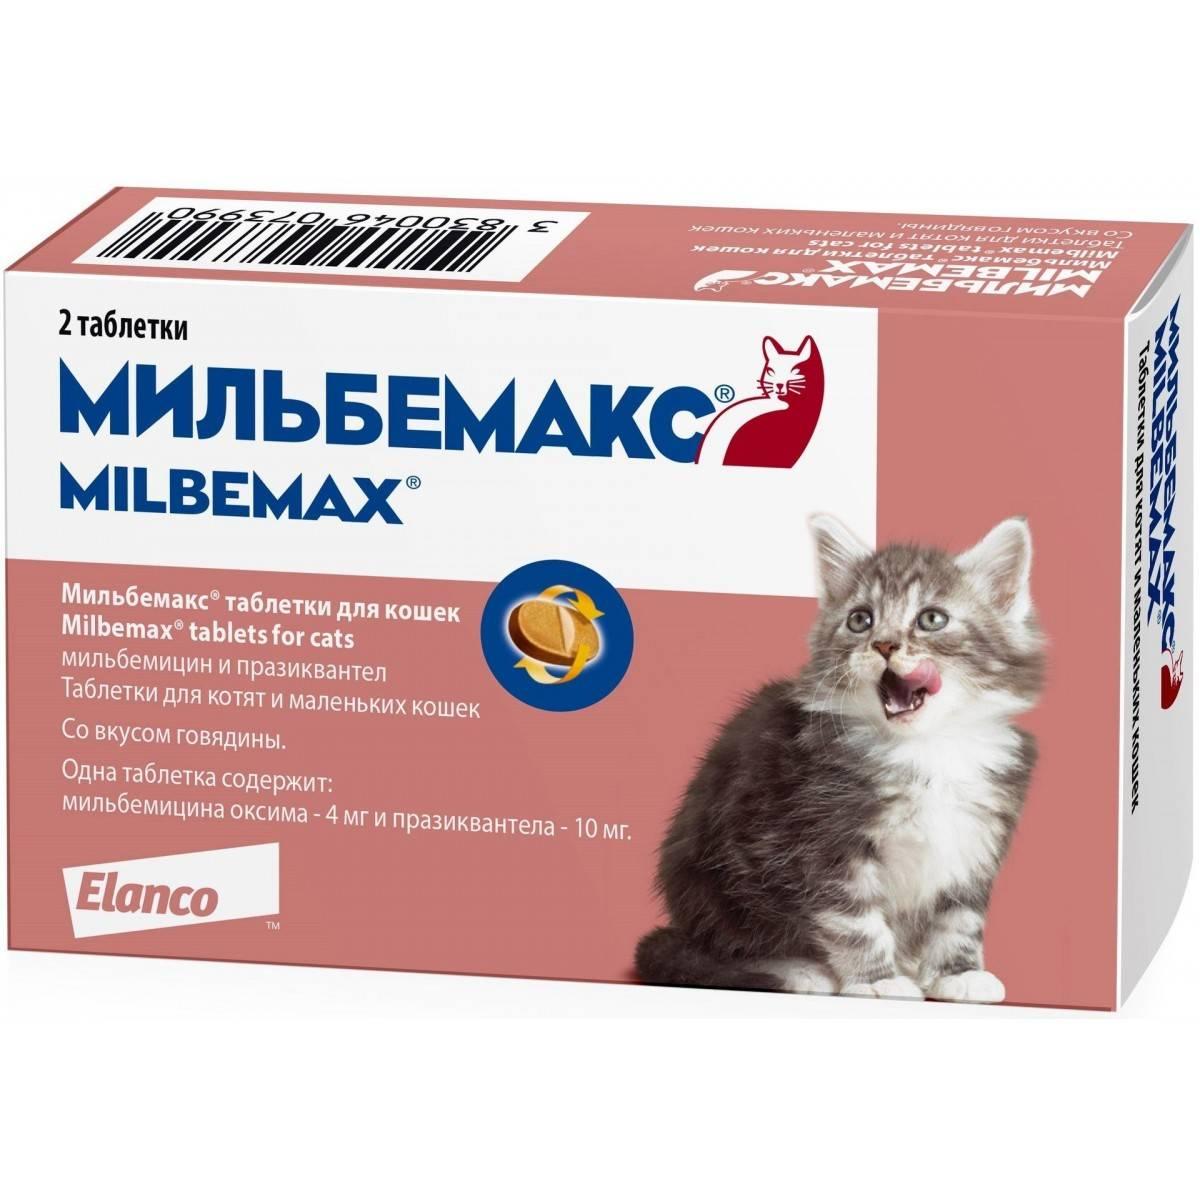 Инструкция по применению таблеток от глистов «мильбемакс» для лечения кошек и котят: состав и дозировка, схема приема